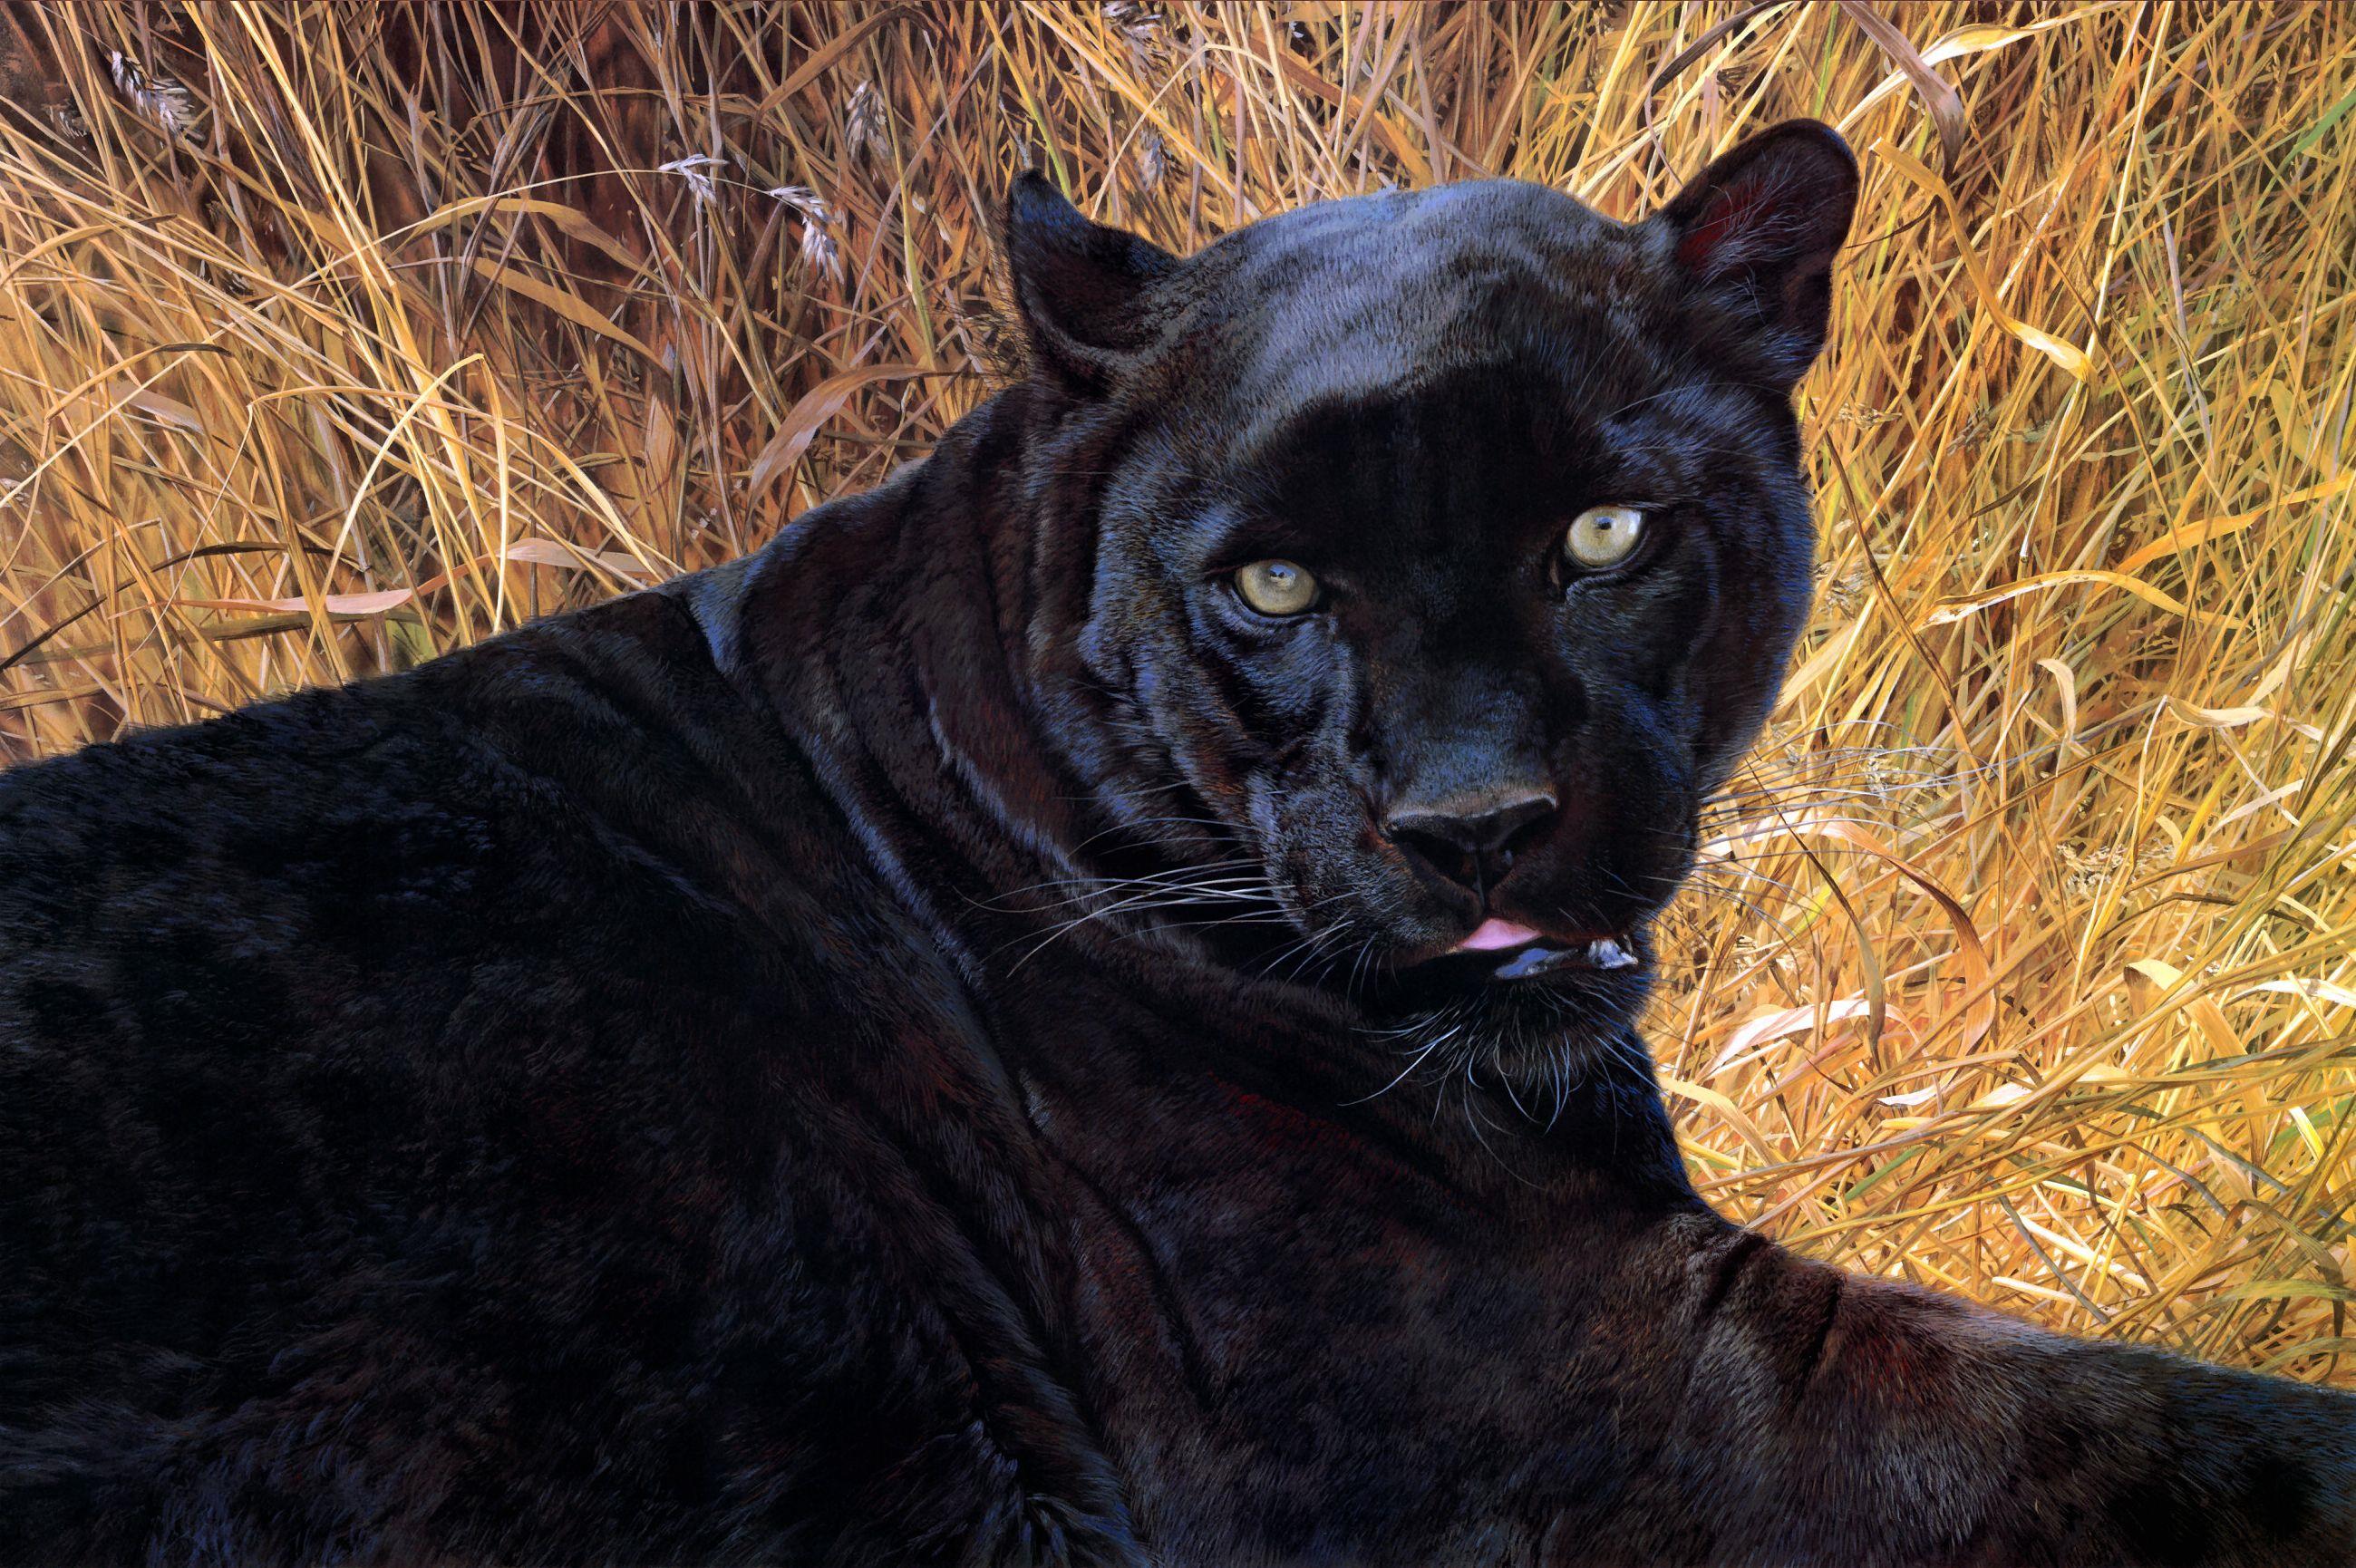 пантера картинки в высоком разрешении сегодня совсем по-другому